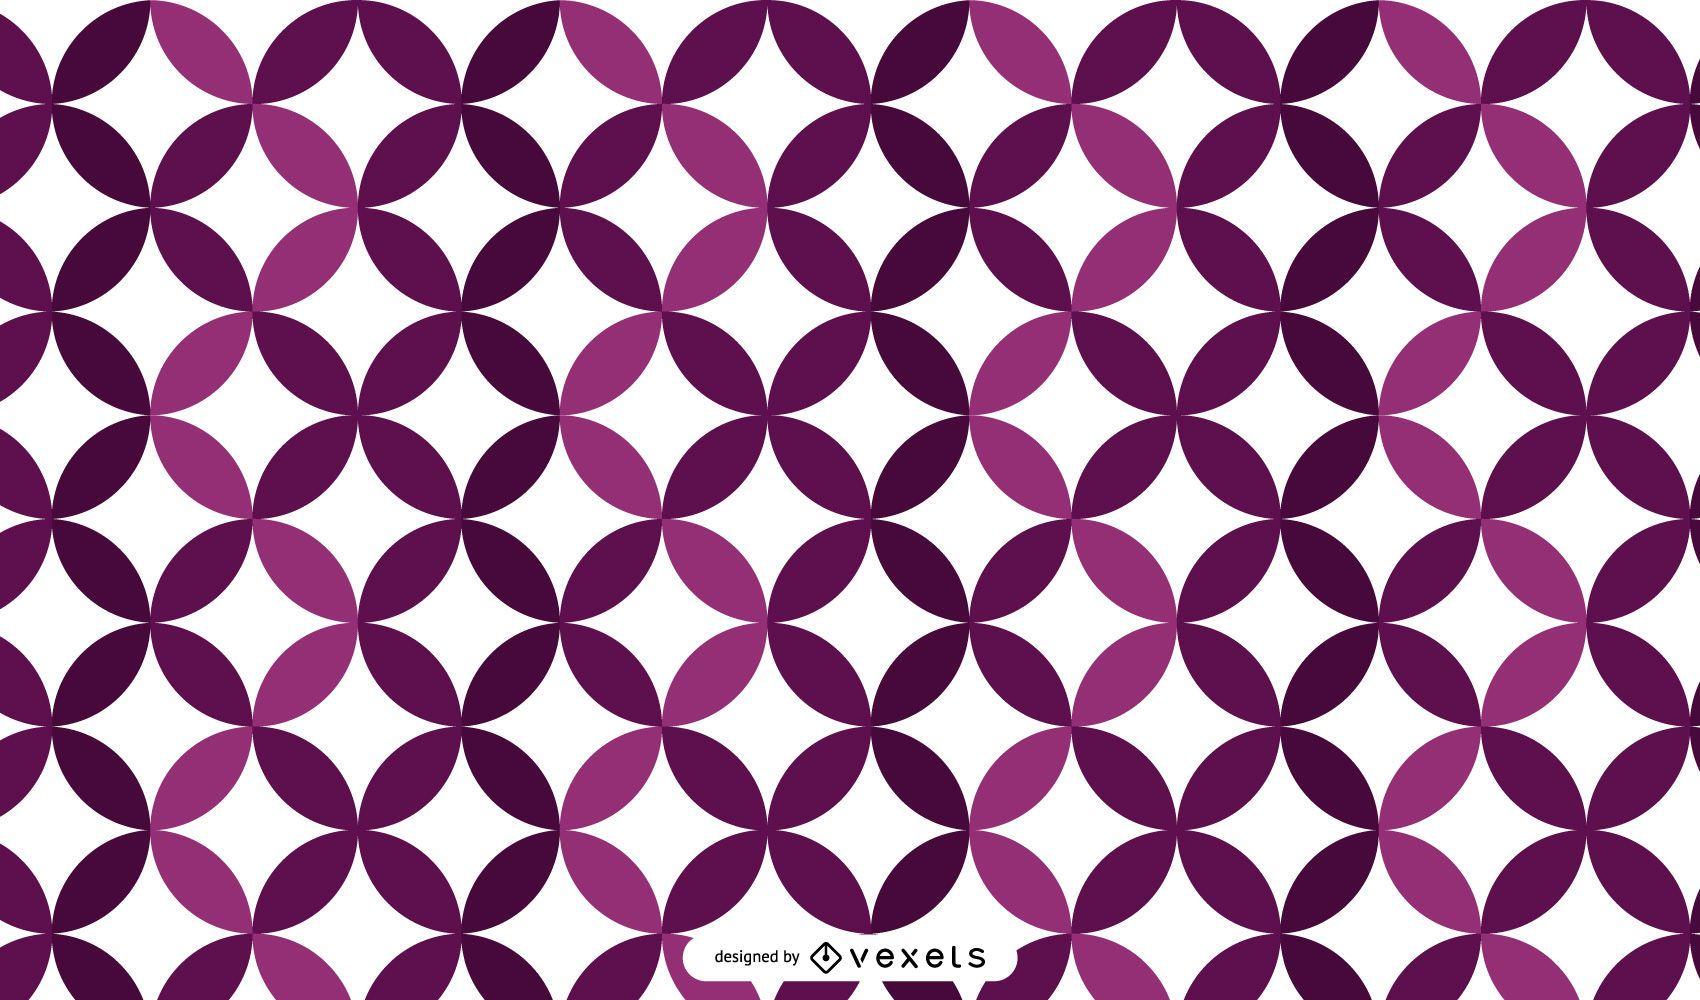 Glowing Purplish Mosaic Background